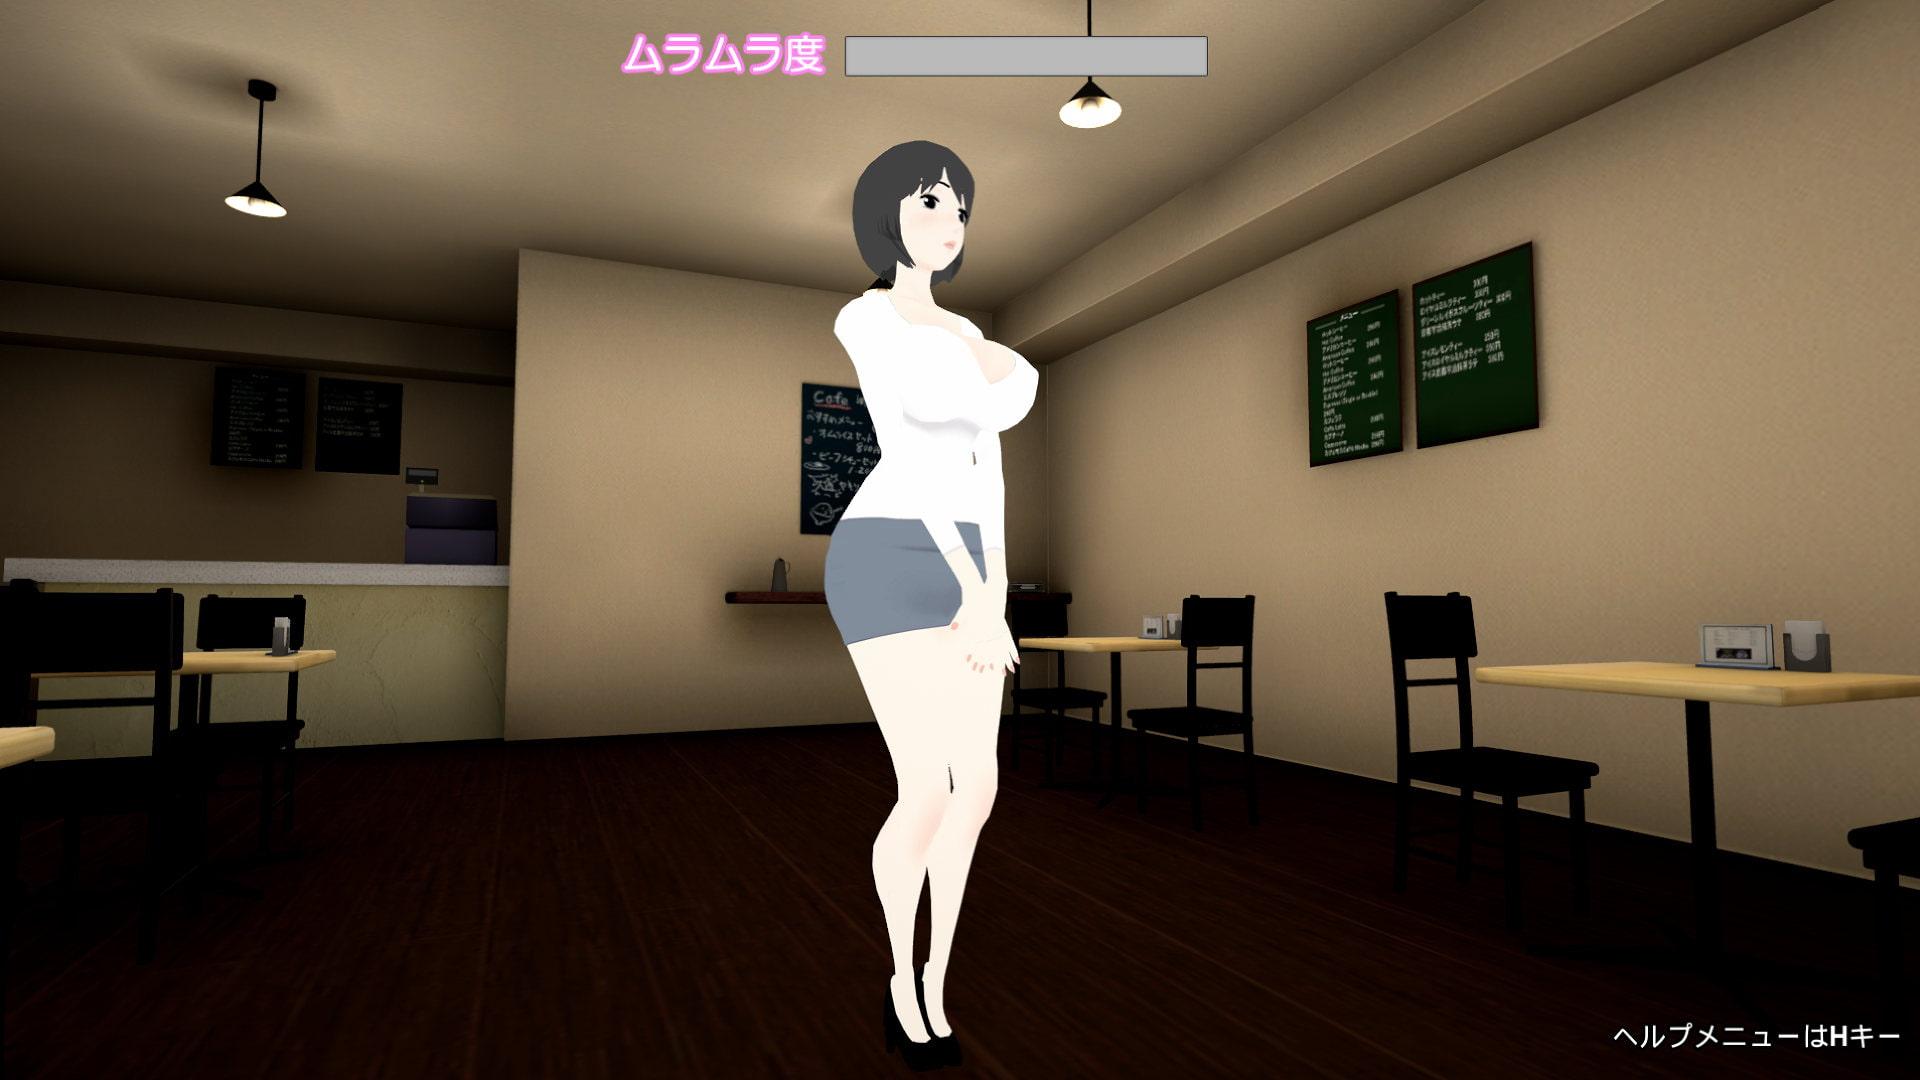 RJ336551 発情カフェ 今日もみよ子さんとパコパコカフェ ~内緒でアルバイトに来ちゃった奥さんをついつい押し倒してしまった件~ [20210726]